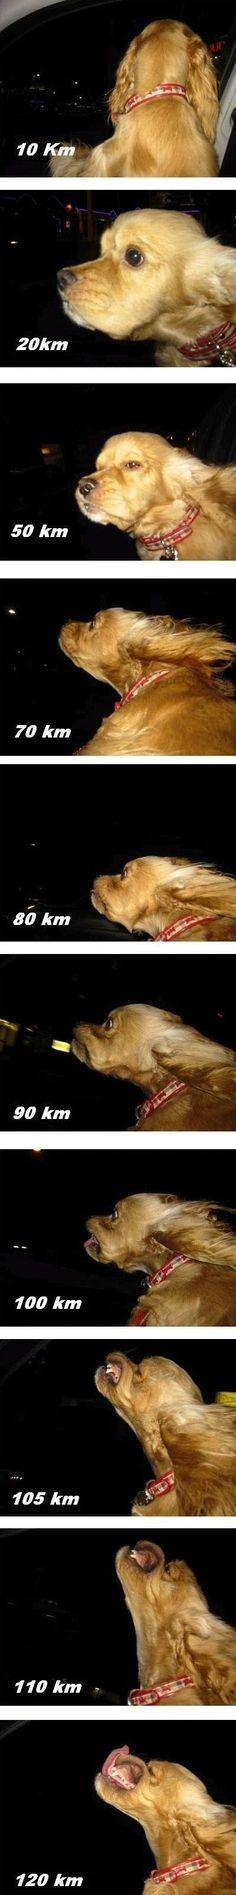 My new speedometer